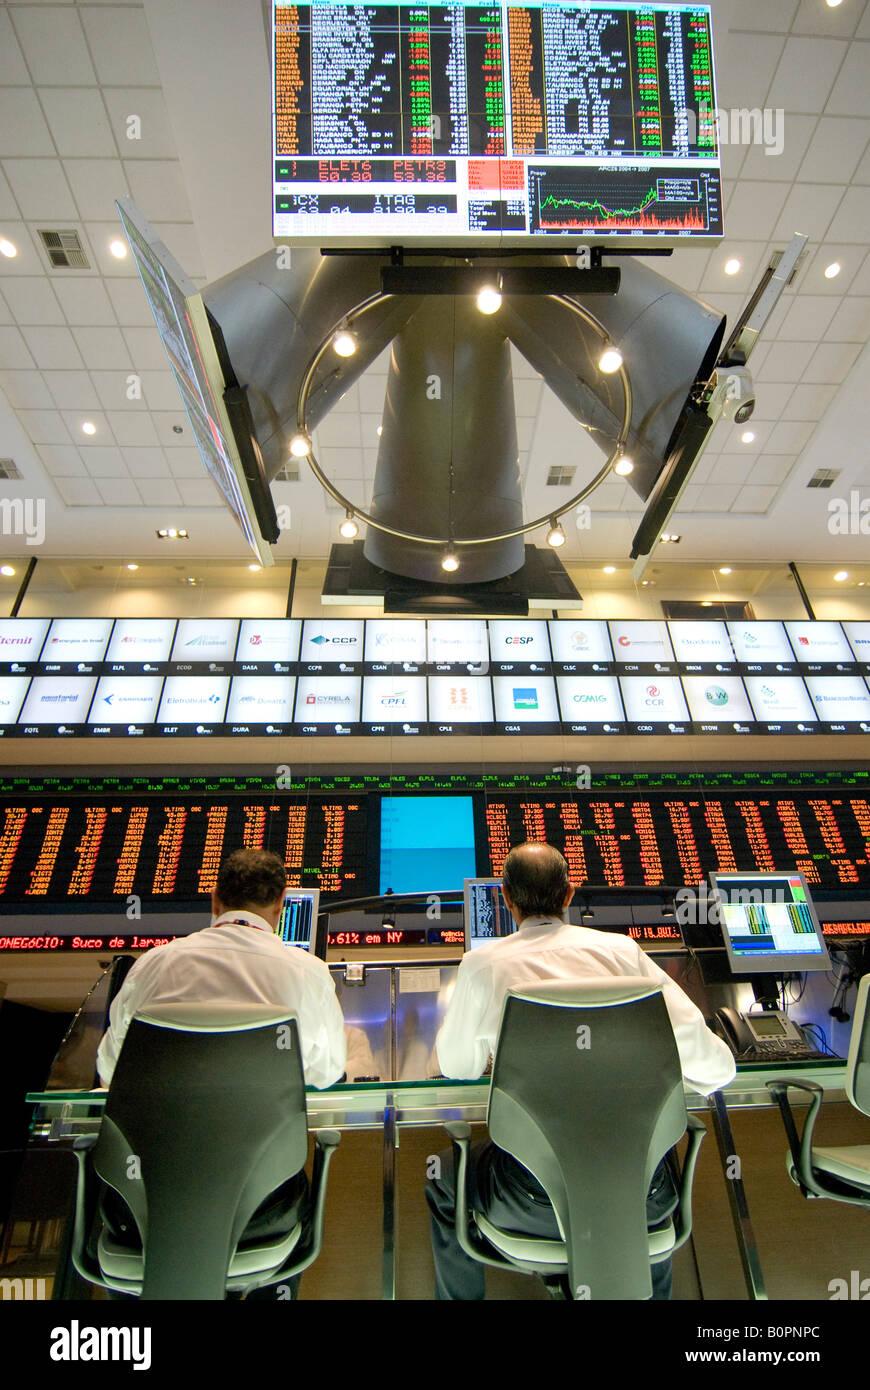 Corredores de Bolsa operan en Bovespa de Sao Paulo en Brasil Imagen De Stock